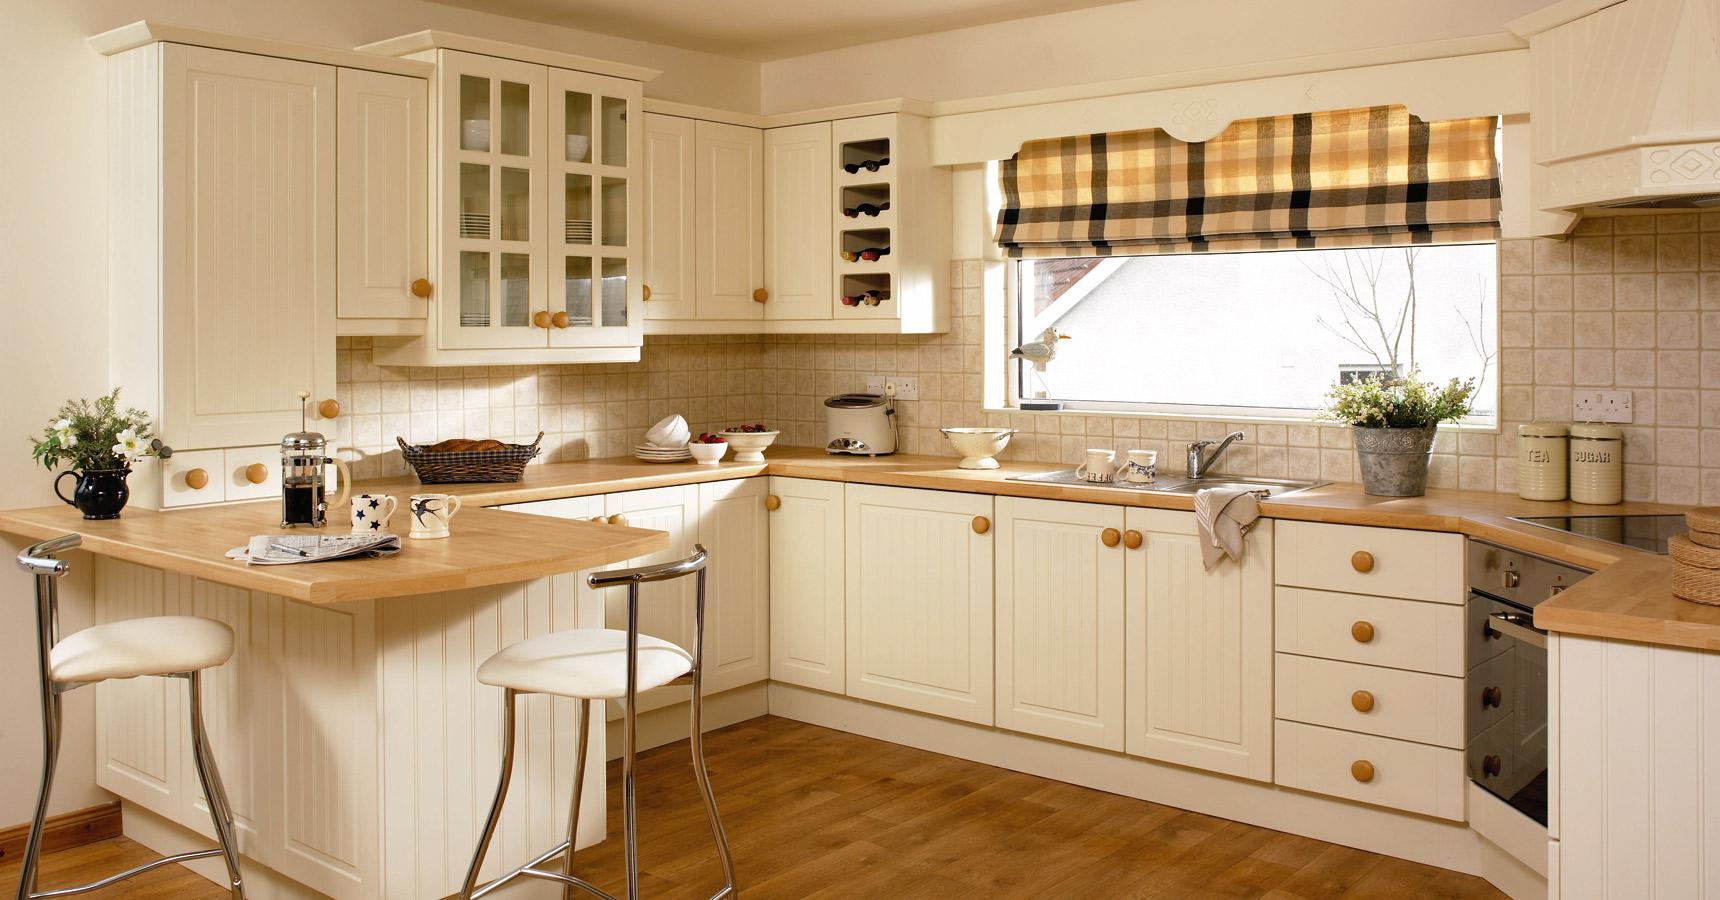 Бежево-коричневый кухонный гарнитур в стиле кантри